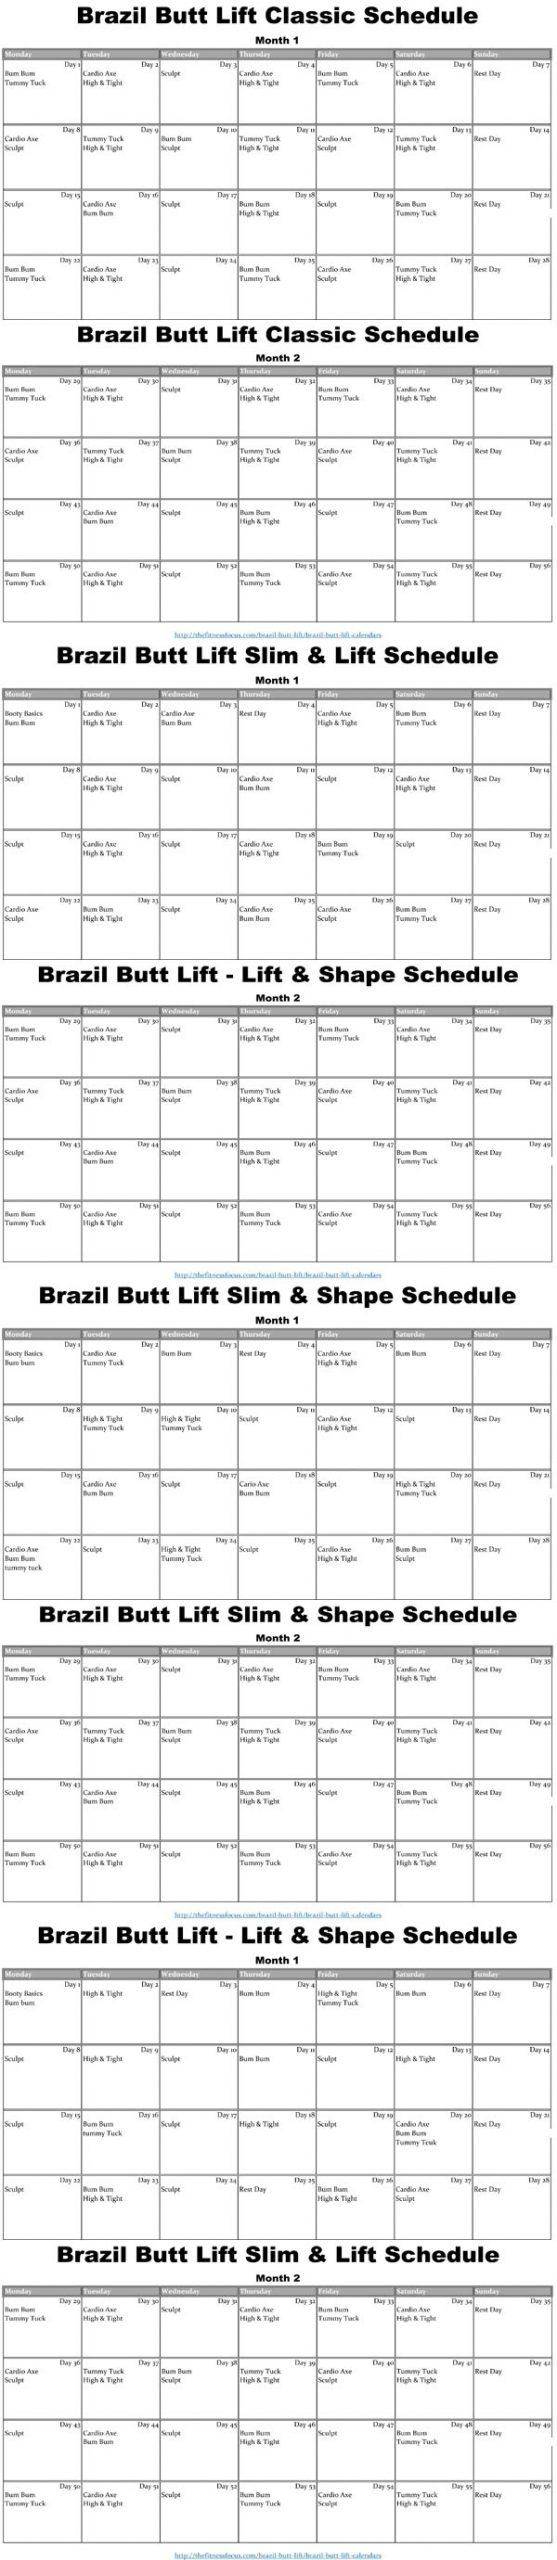 Brazil Butt Lift Calendar - Download